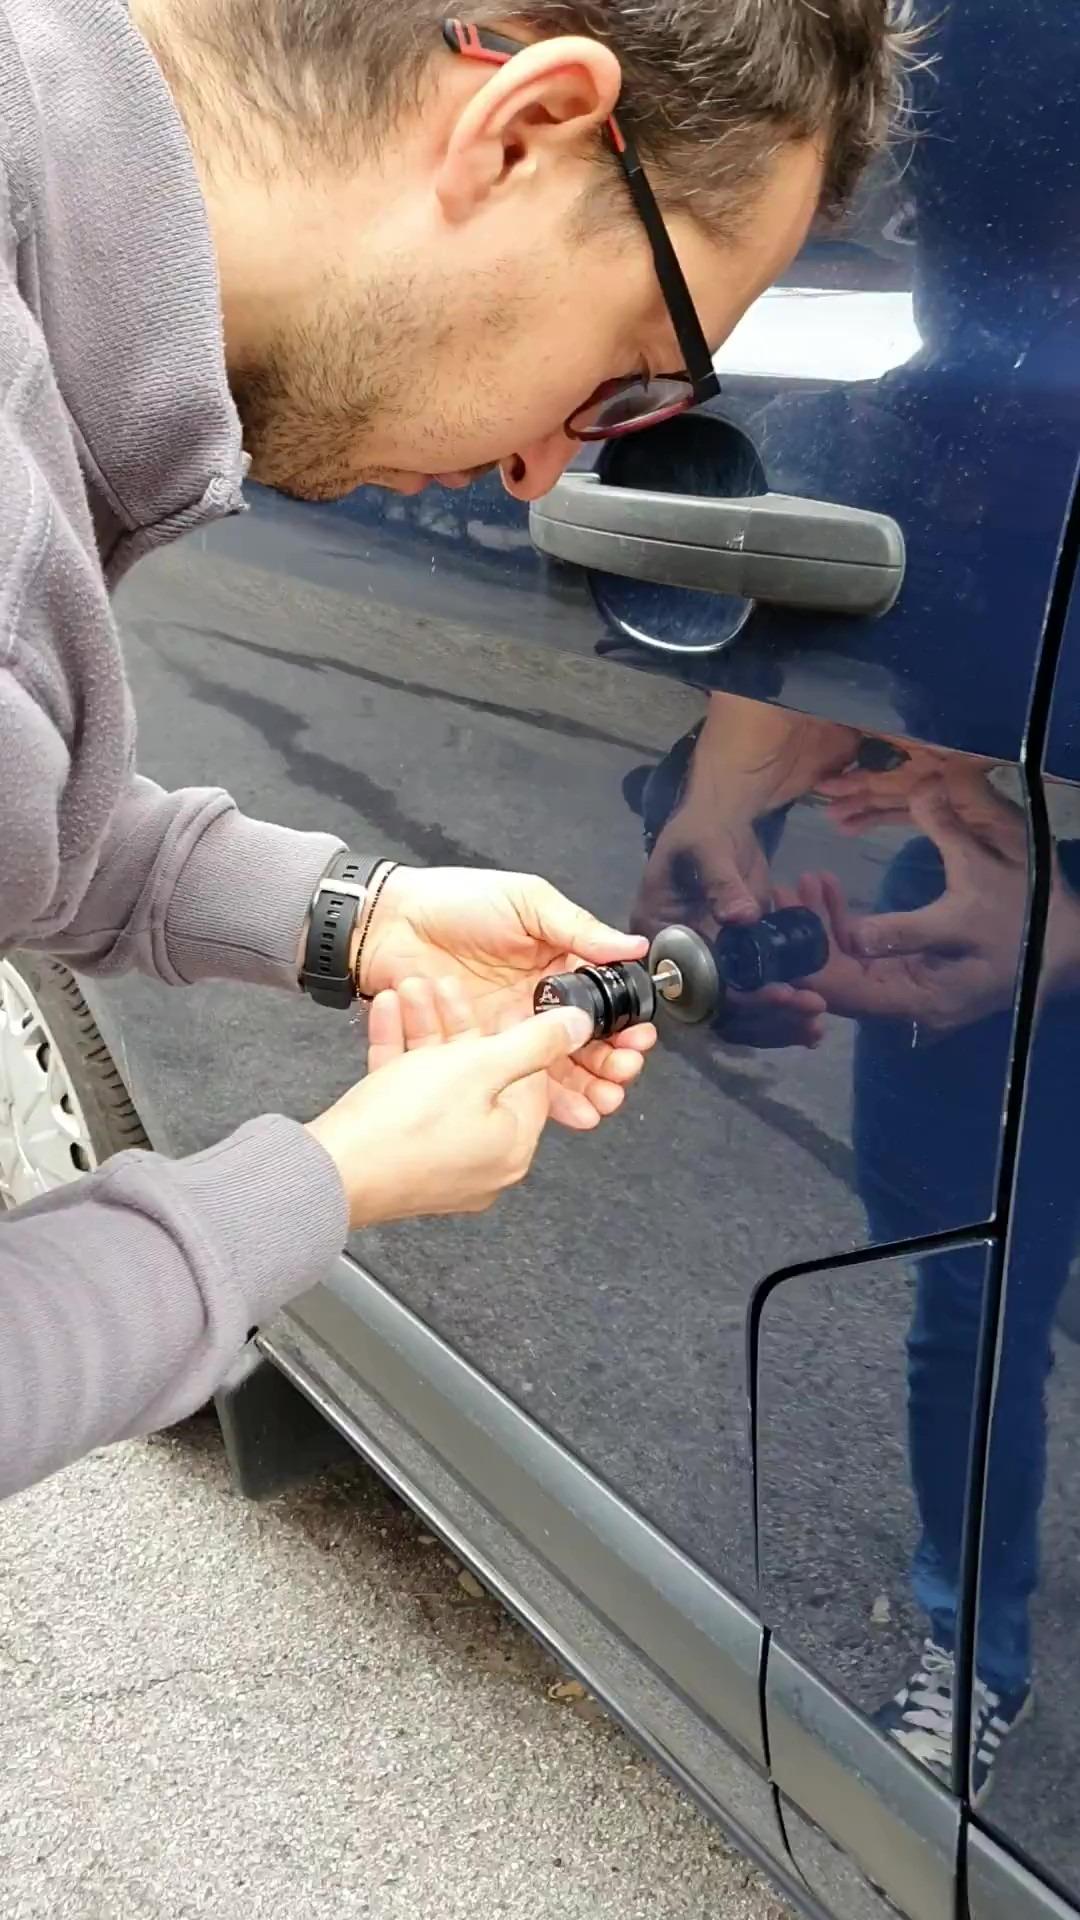 Furto dell'auto: puoi essere risarcito se non disponi più della seconda chiave?